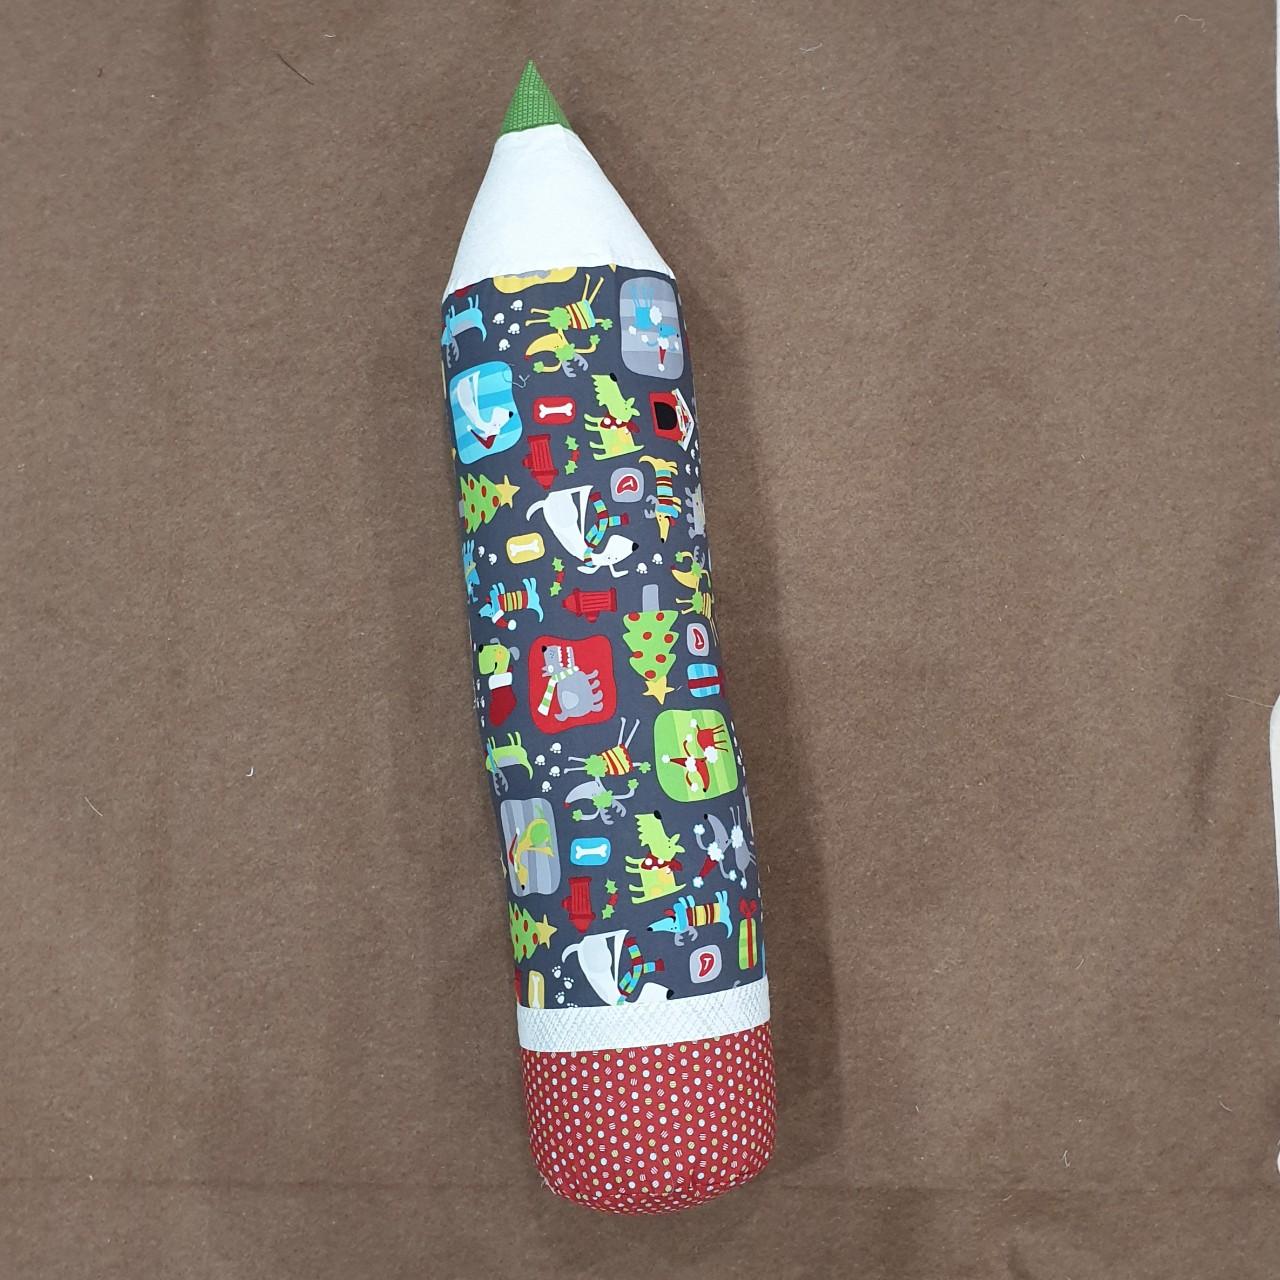 Gối ôm bút chì handmade cho bé trai, bé gái mẫu giáng sinh, noel,  christmas cá tính